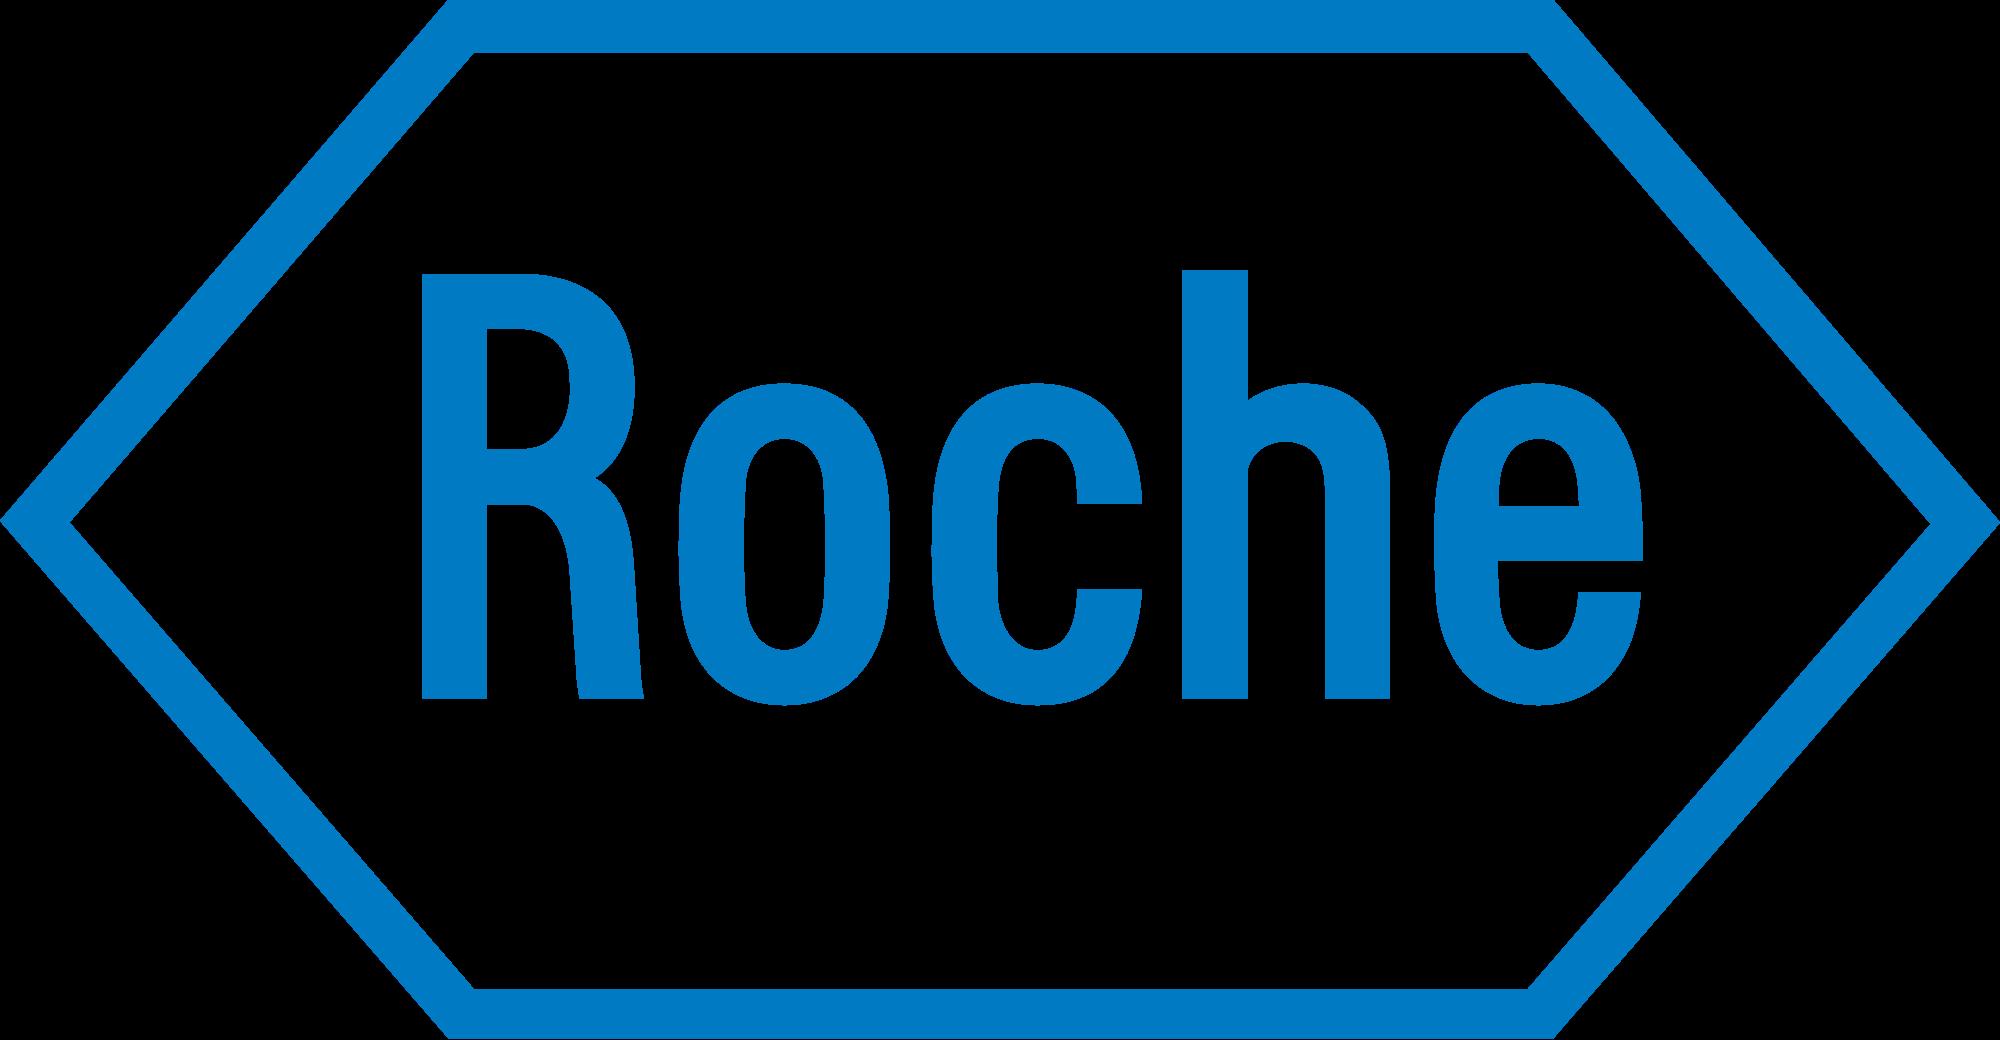 Hoffmann-La Roche